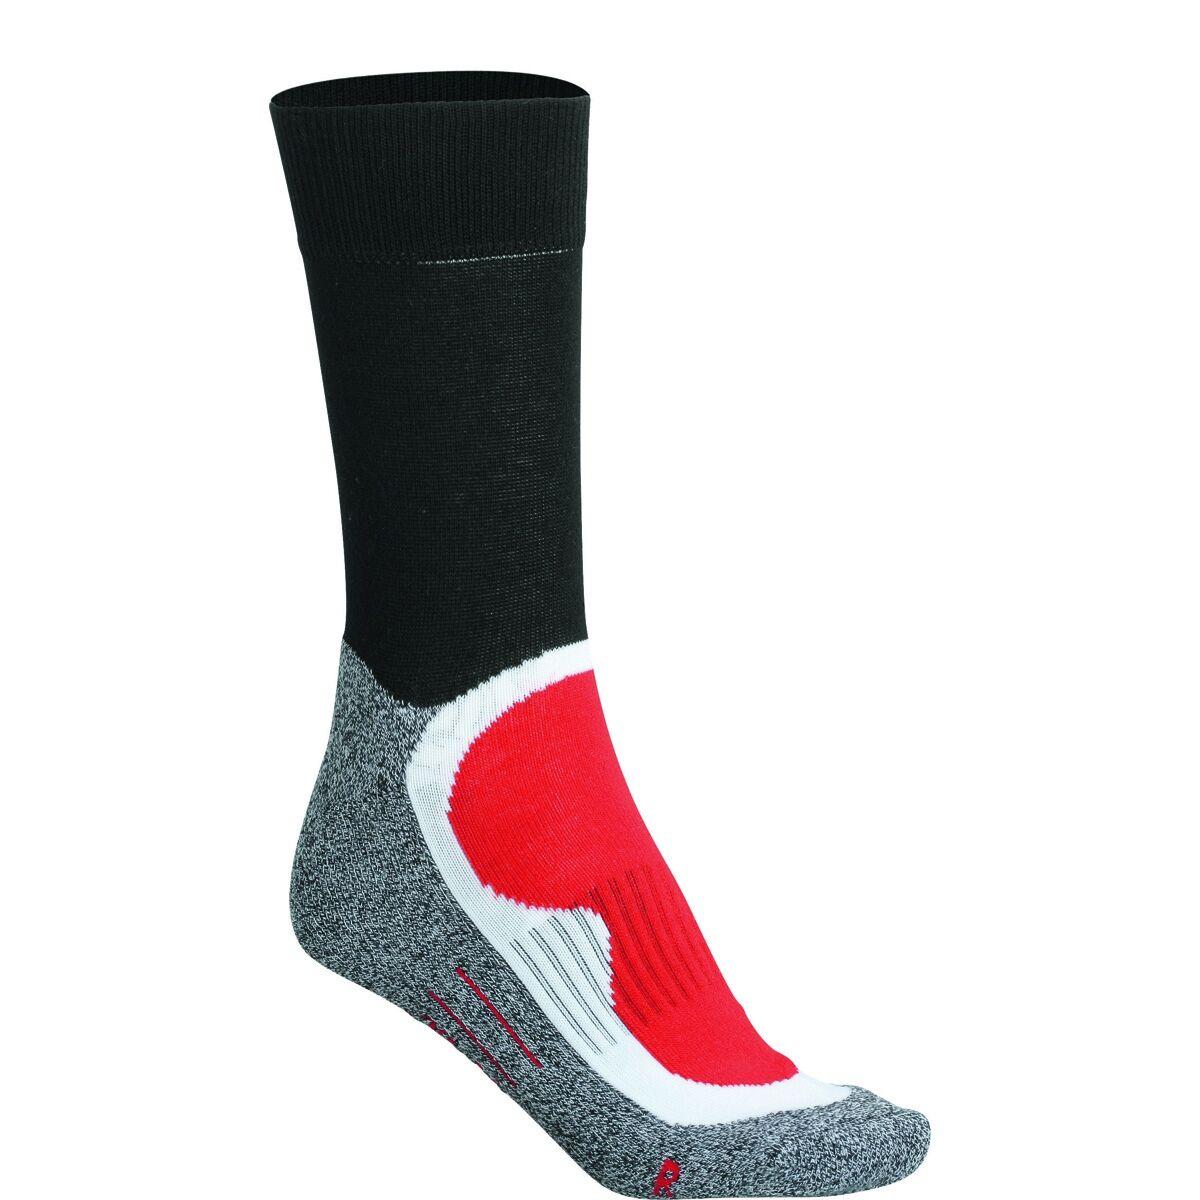 Chaussettes de sport - homme femme - JN211 - rouge et noir